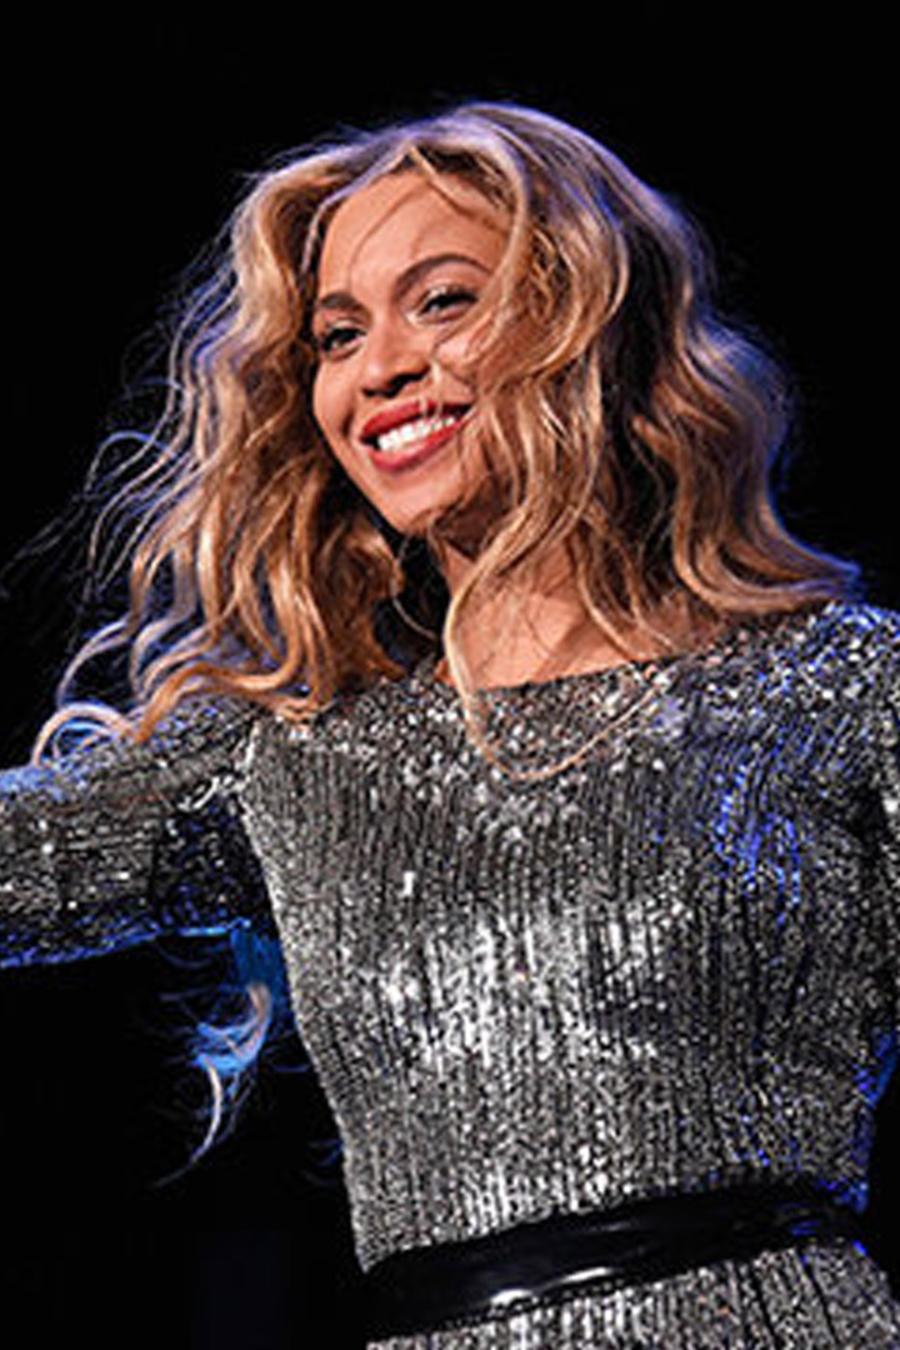 Presentación en Made in America en Philadelfia de Beyonce 2015